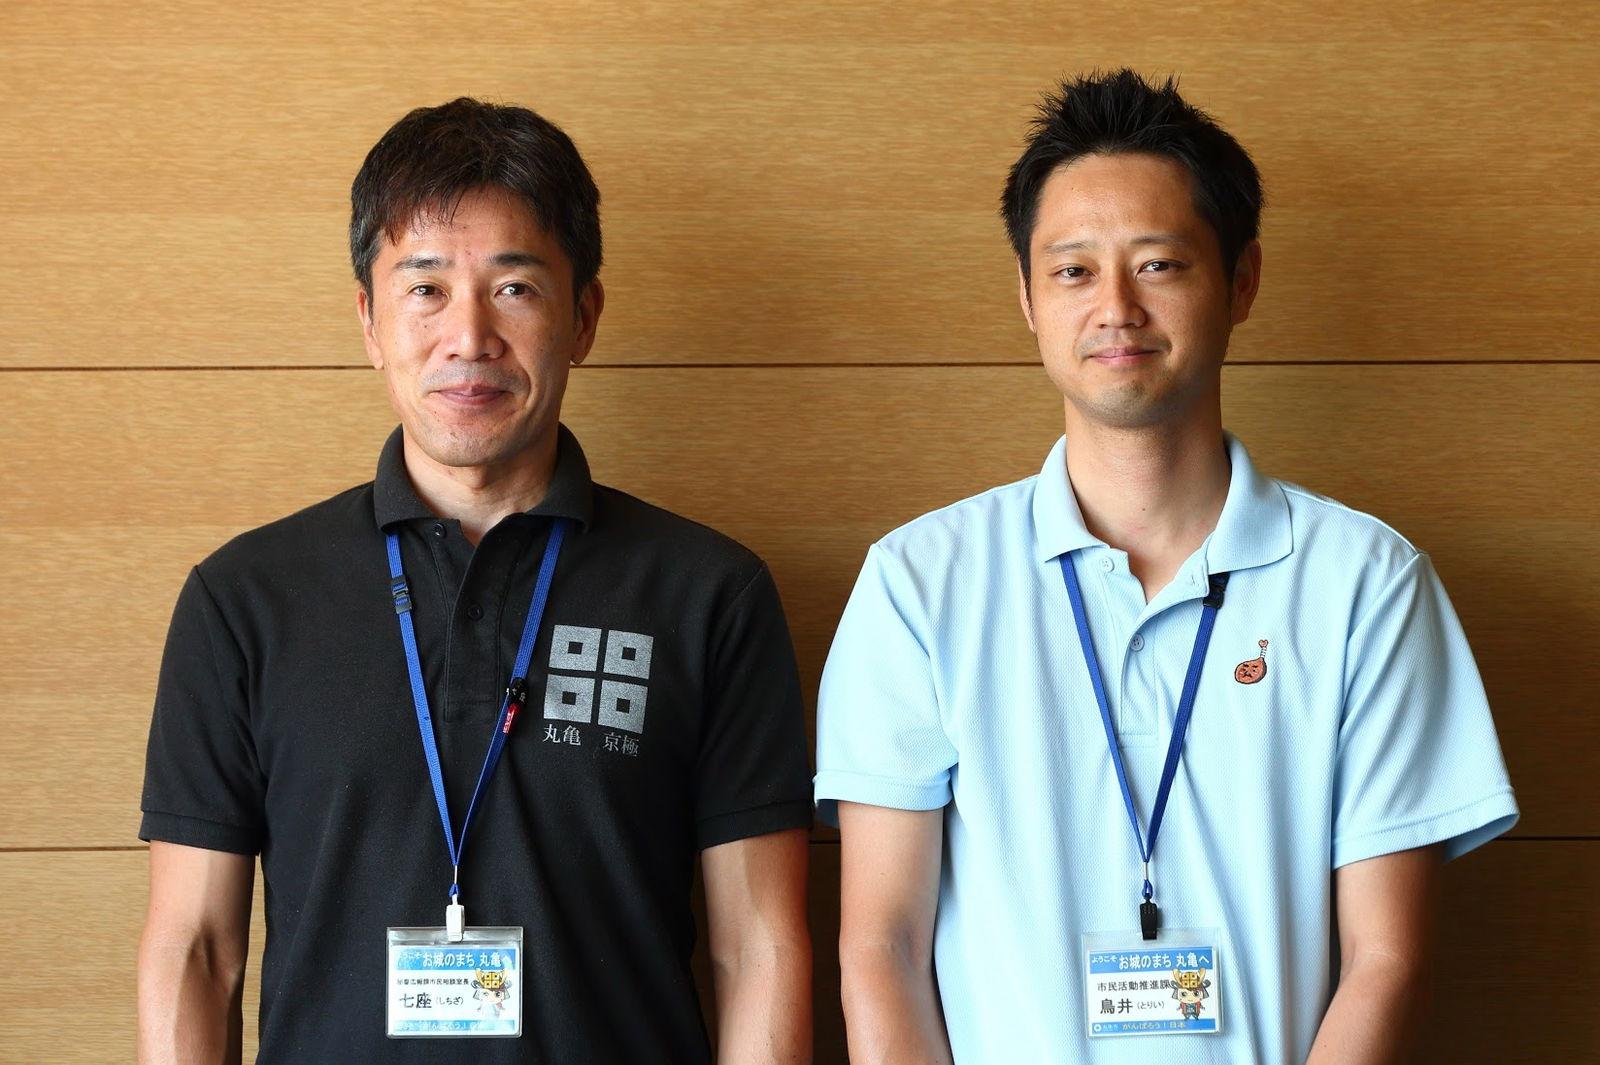 ふるさと納税担当七座武史室長(左)、市民活動推進課鳥井隆志主任(右)。様々な角度からプロジェクトを支えます